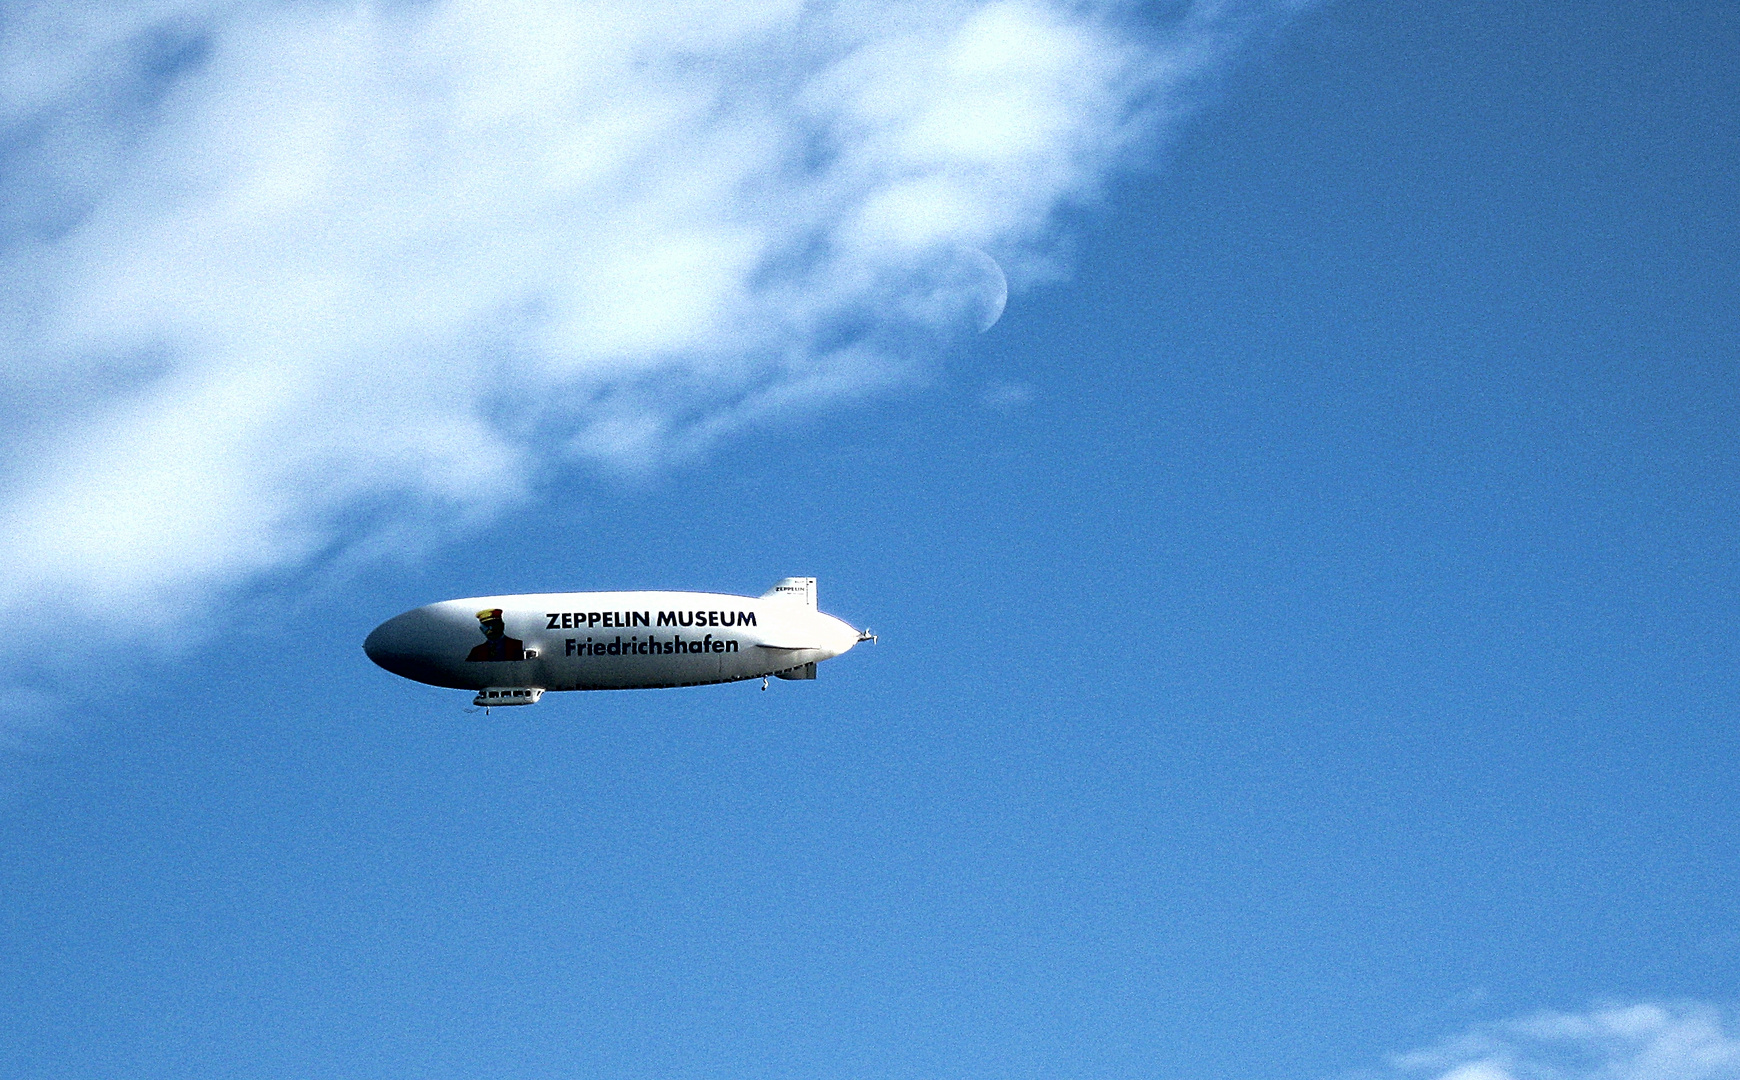 Ein Erlebnis diesen Zeppelin an der Geburtsstätte aller Zeppeline in Friedrichshafen zu sehen.